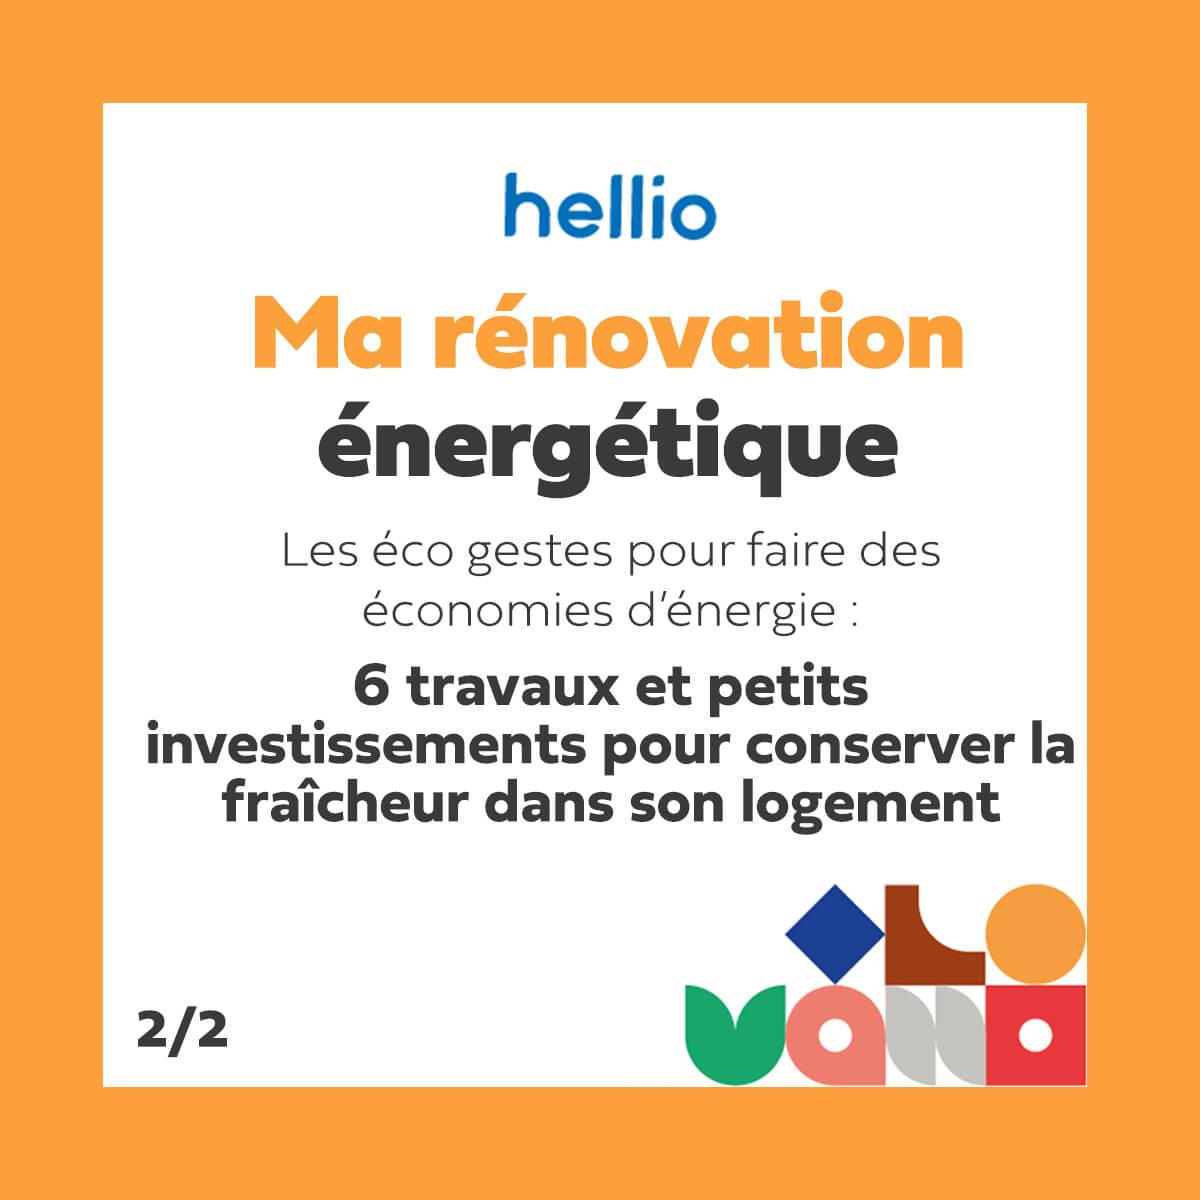 podcast Ma rénovation énergétique Hellio 6 petits travaux pour conserver la fraîcheur dans un logement